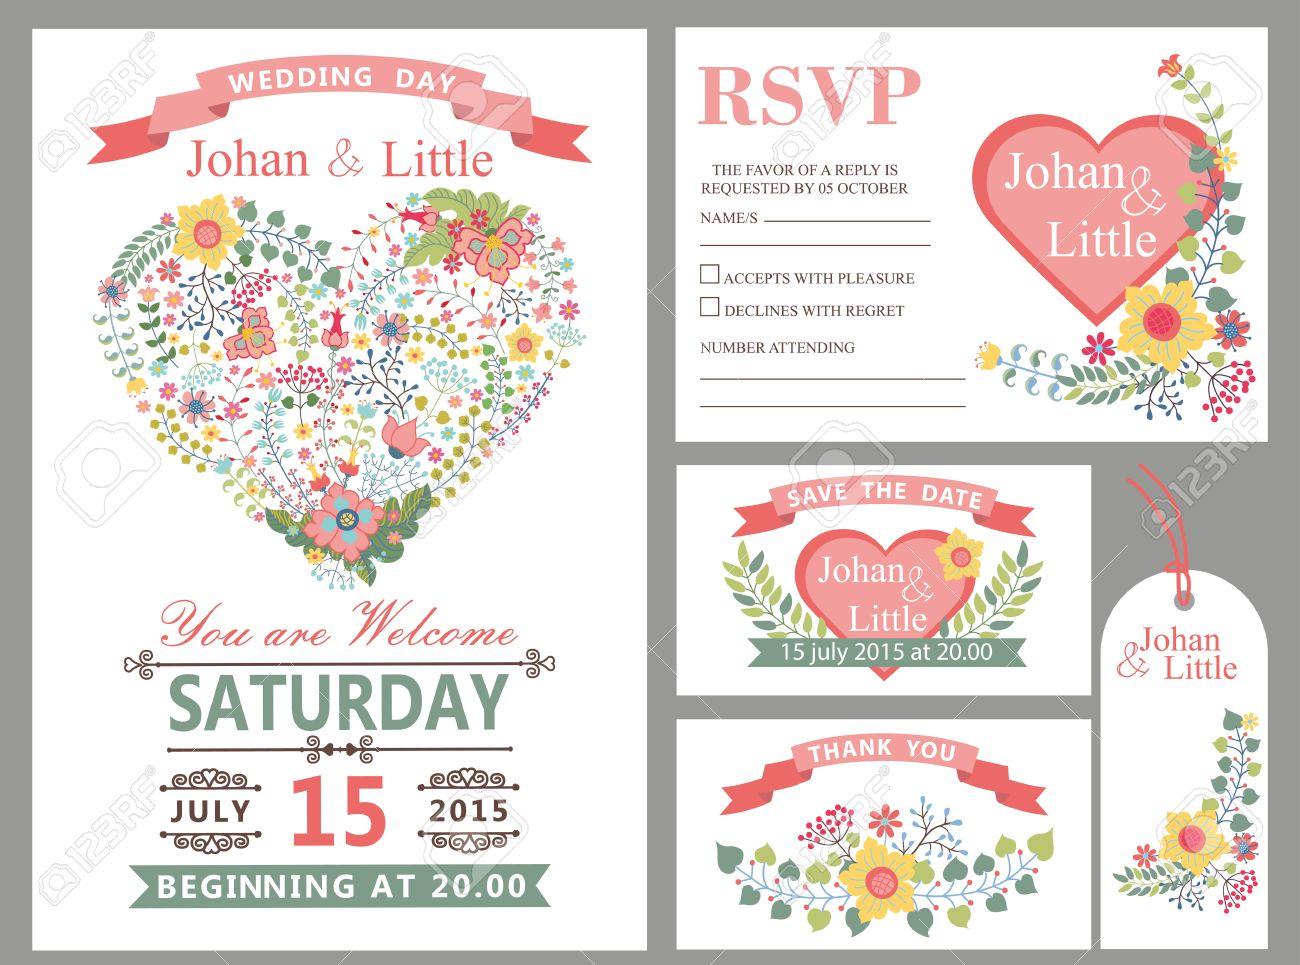 Hochzeit Design-Vorlage Mit Blumen, Rosa Herzen, Rahmen, Band Und ...